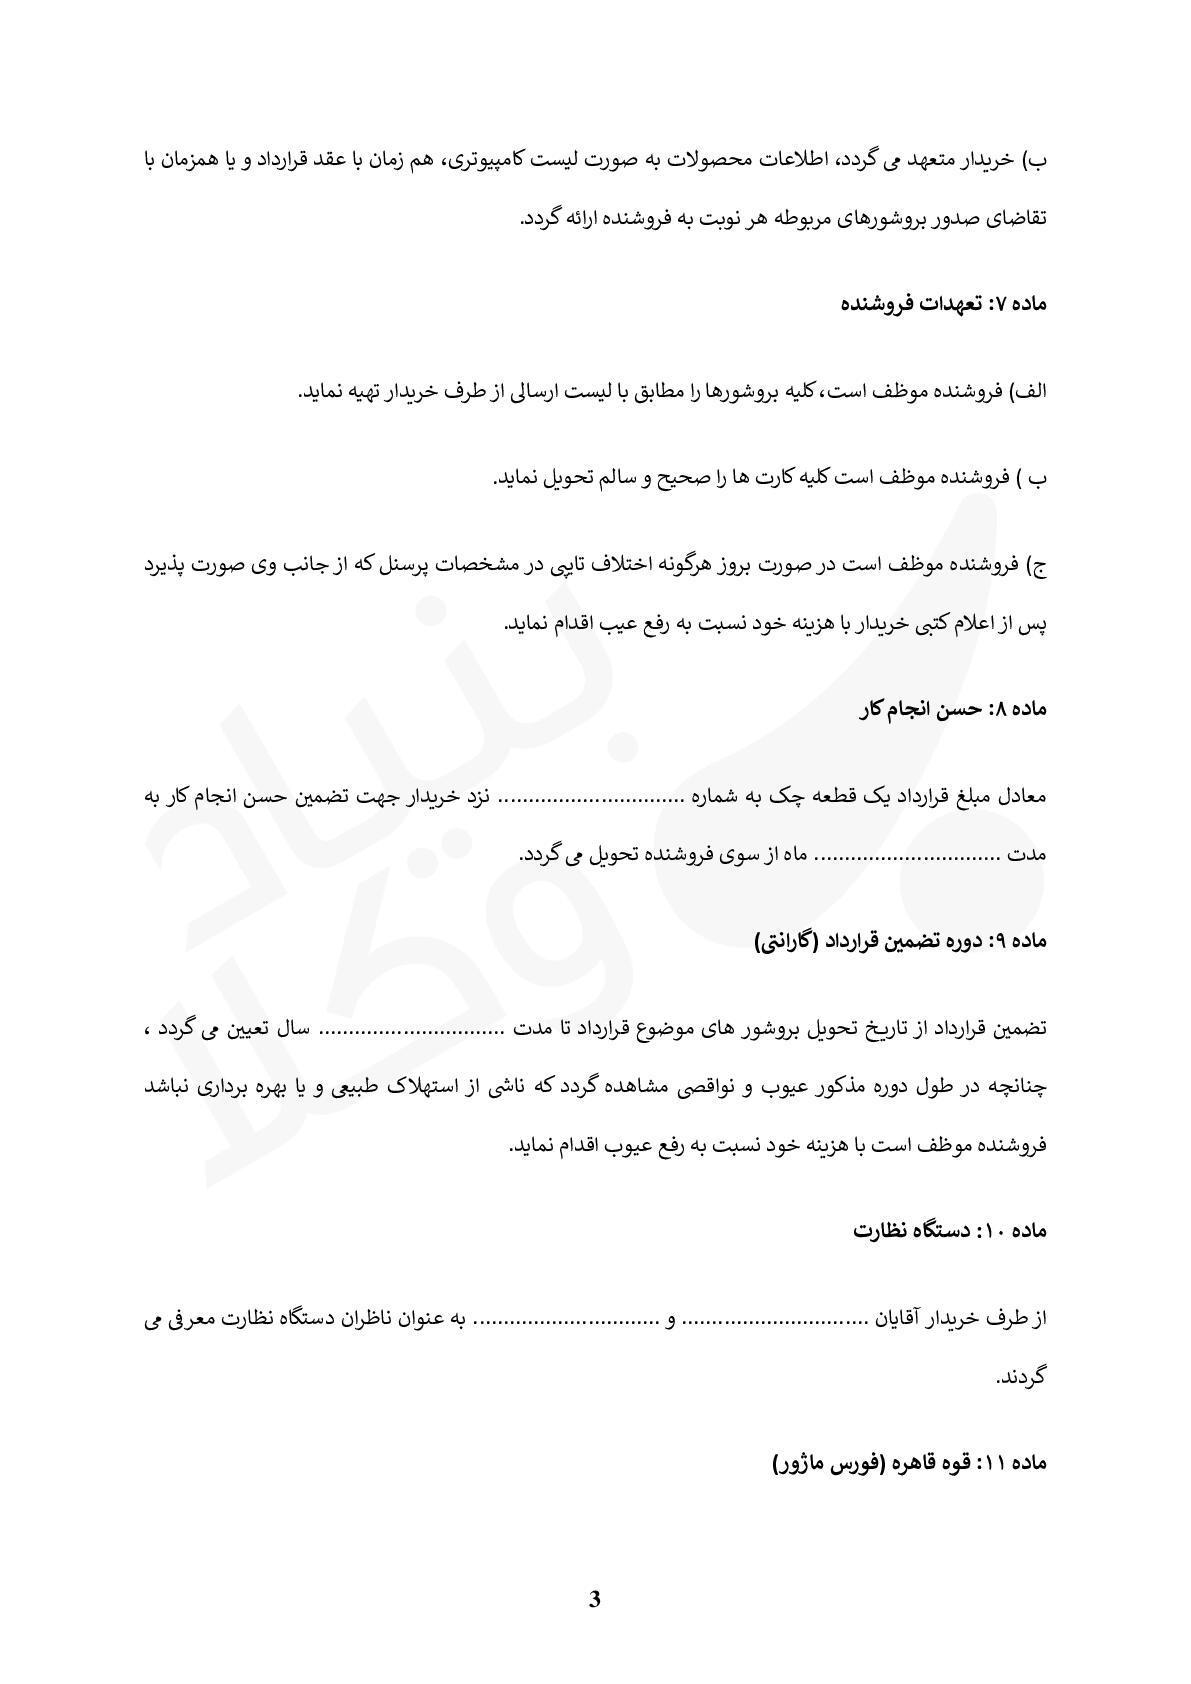 قرارداد سفارش و چاپ بروشور تبلیغاتی برای کرخانه